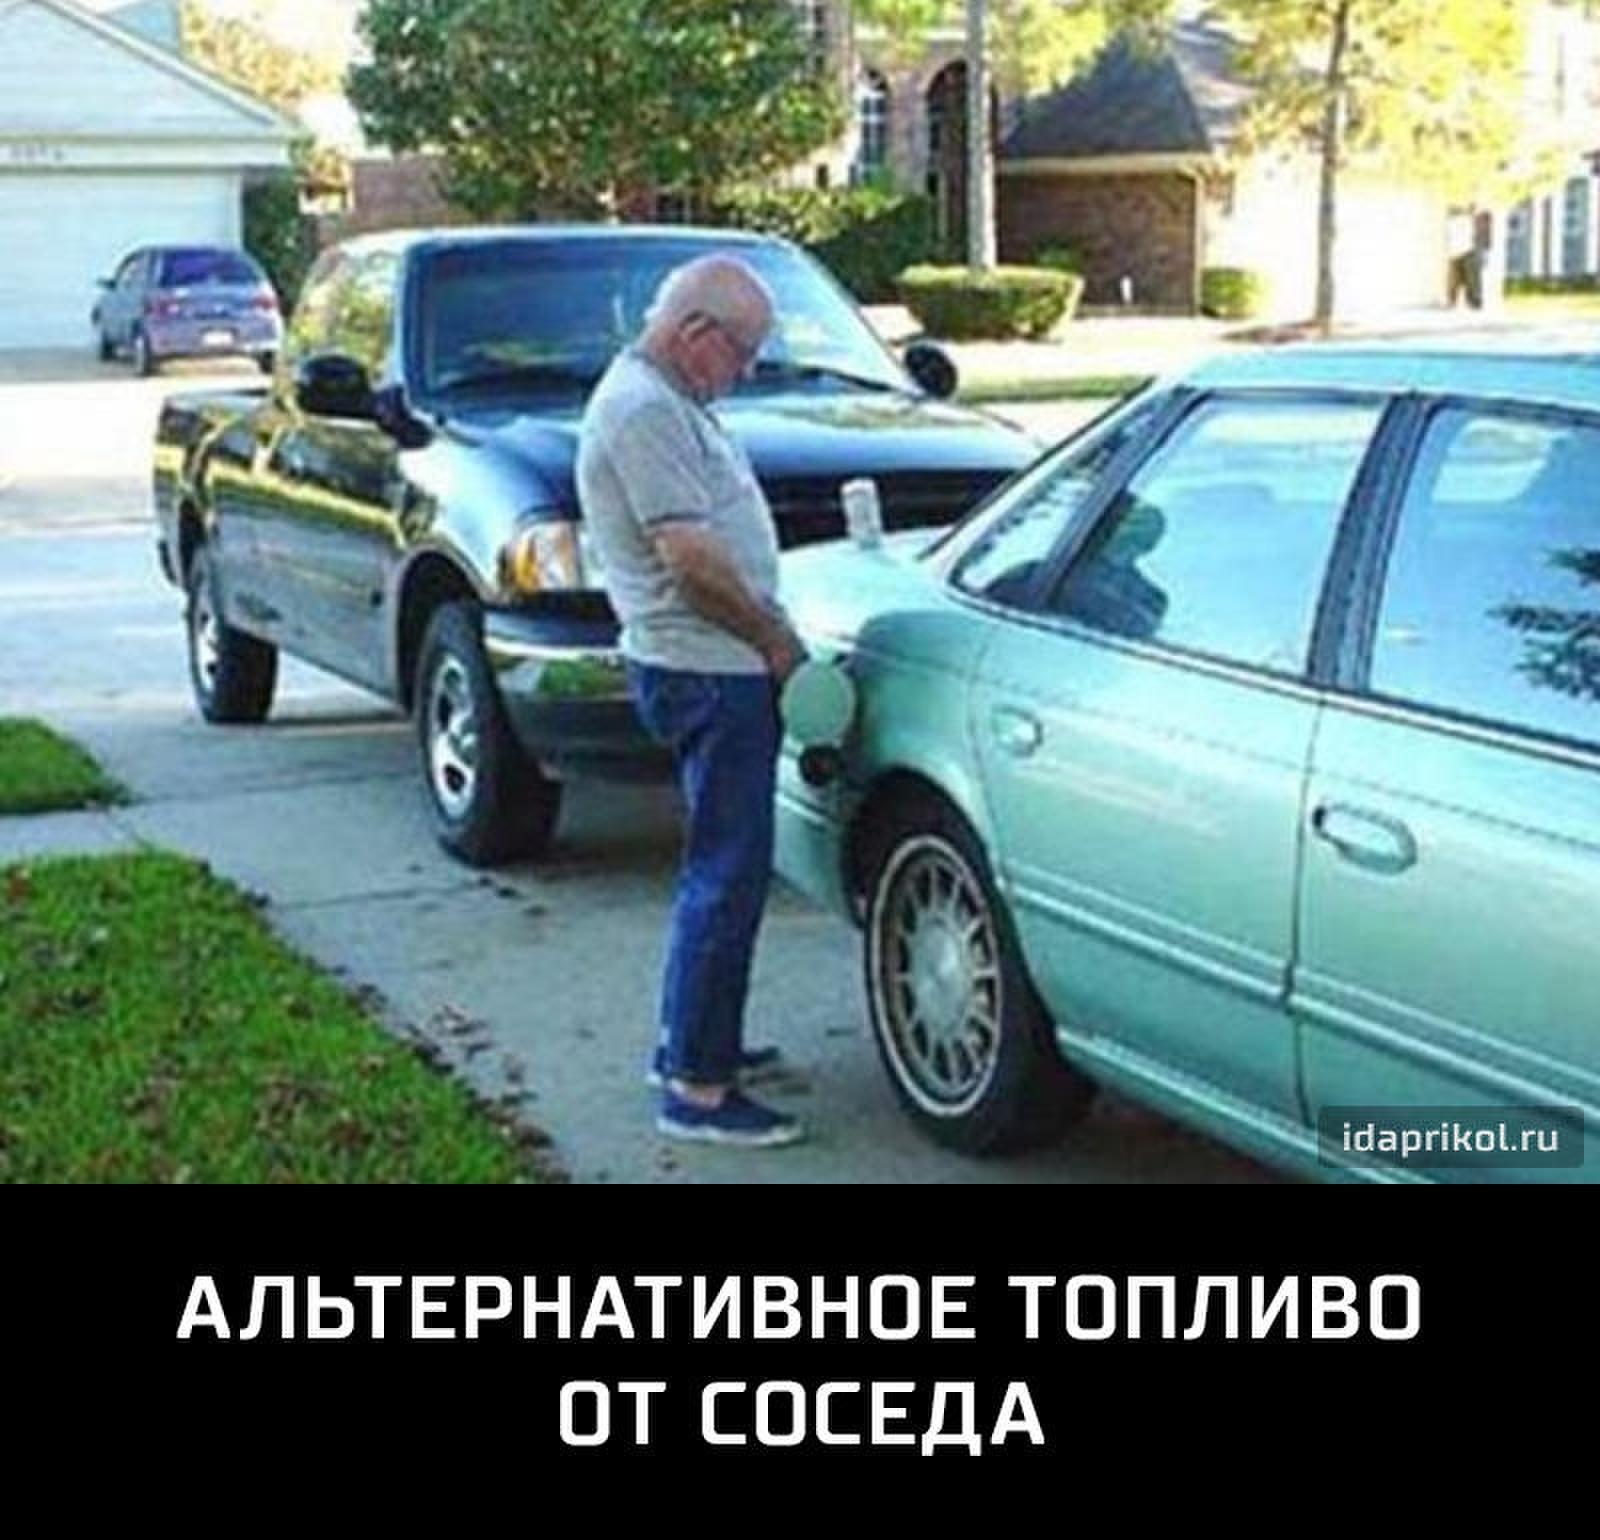 Смешное фото Альтернативное топливо от соседа